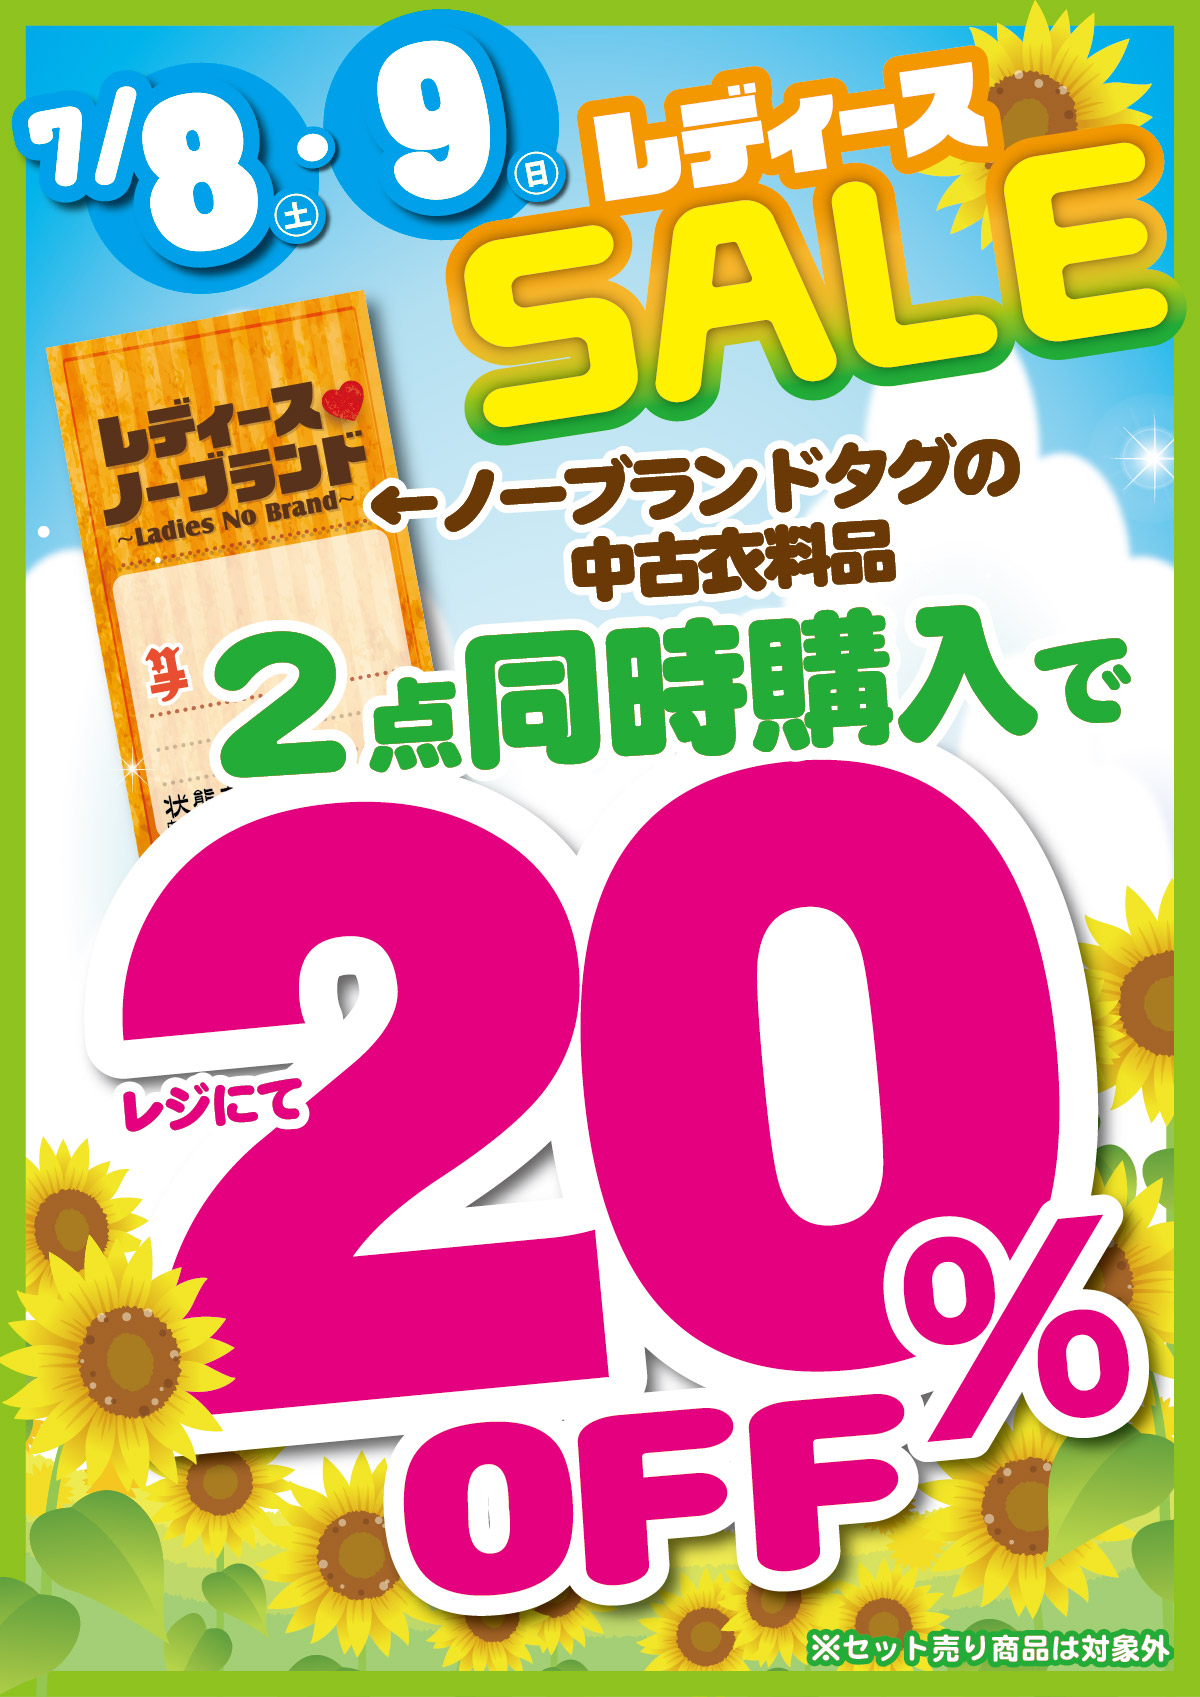 「開放倉庫山城店」7/8(土)・9(日)レディースSALE開催!!ノーブランドタグの中古衣料品『2点同時購入でレジにて20%OFF』